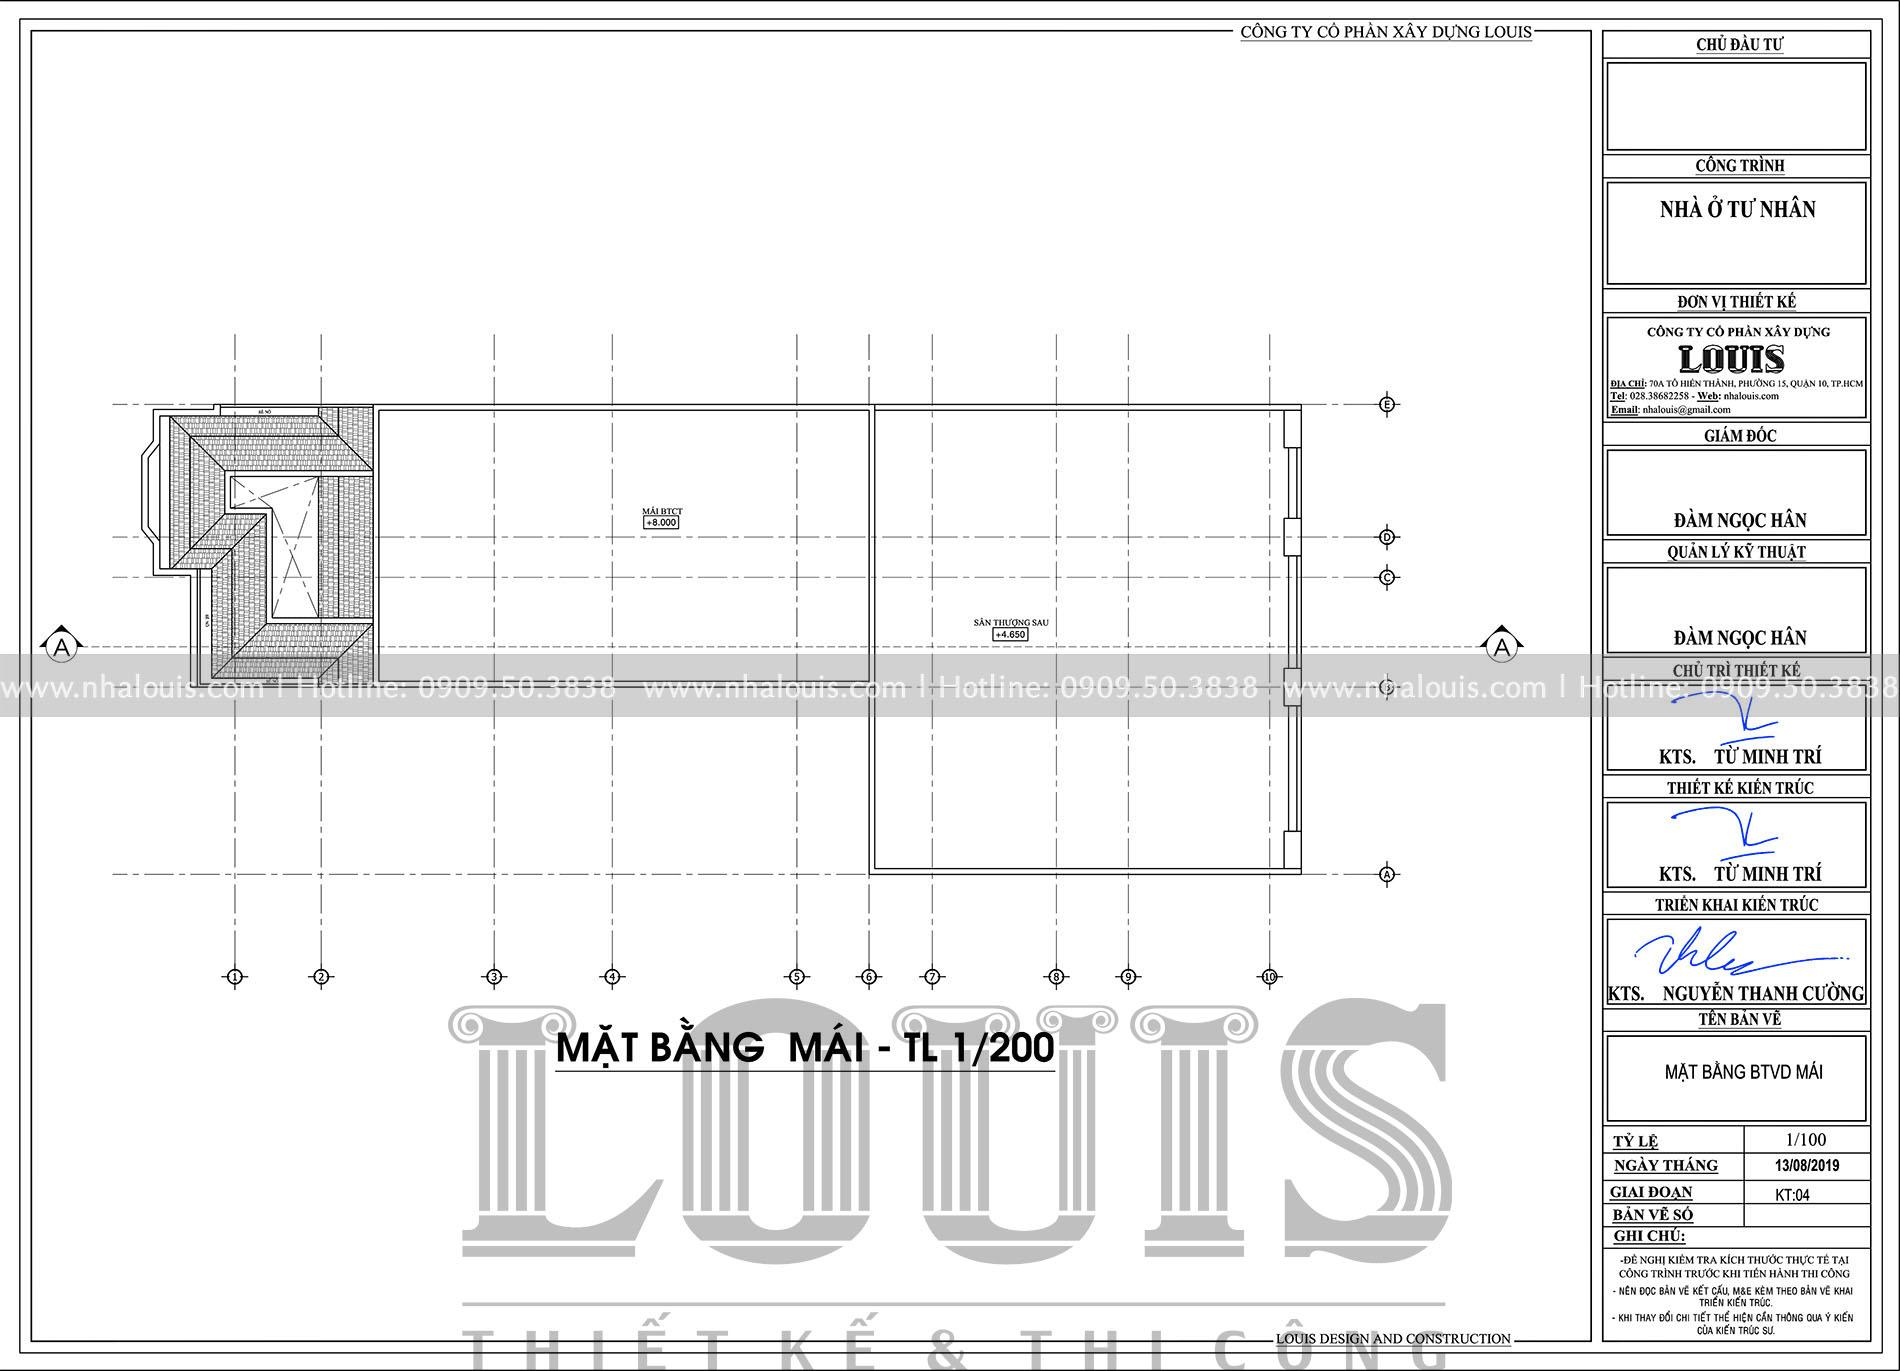 """""""Biệt thự siêu bàn tiệc"""" đẳng cấp với thiết kế gây bất ngờ tại Tây Ninh"""